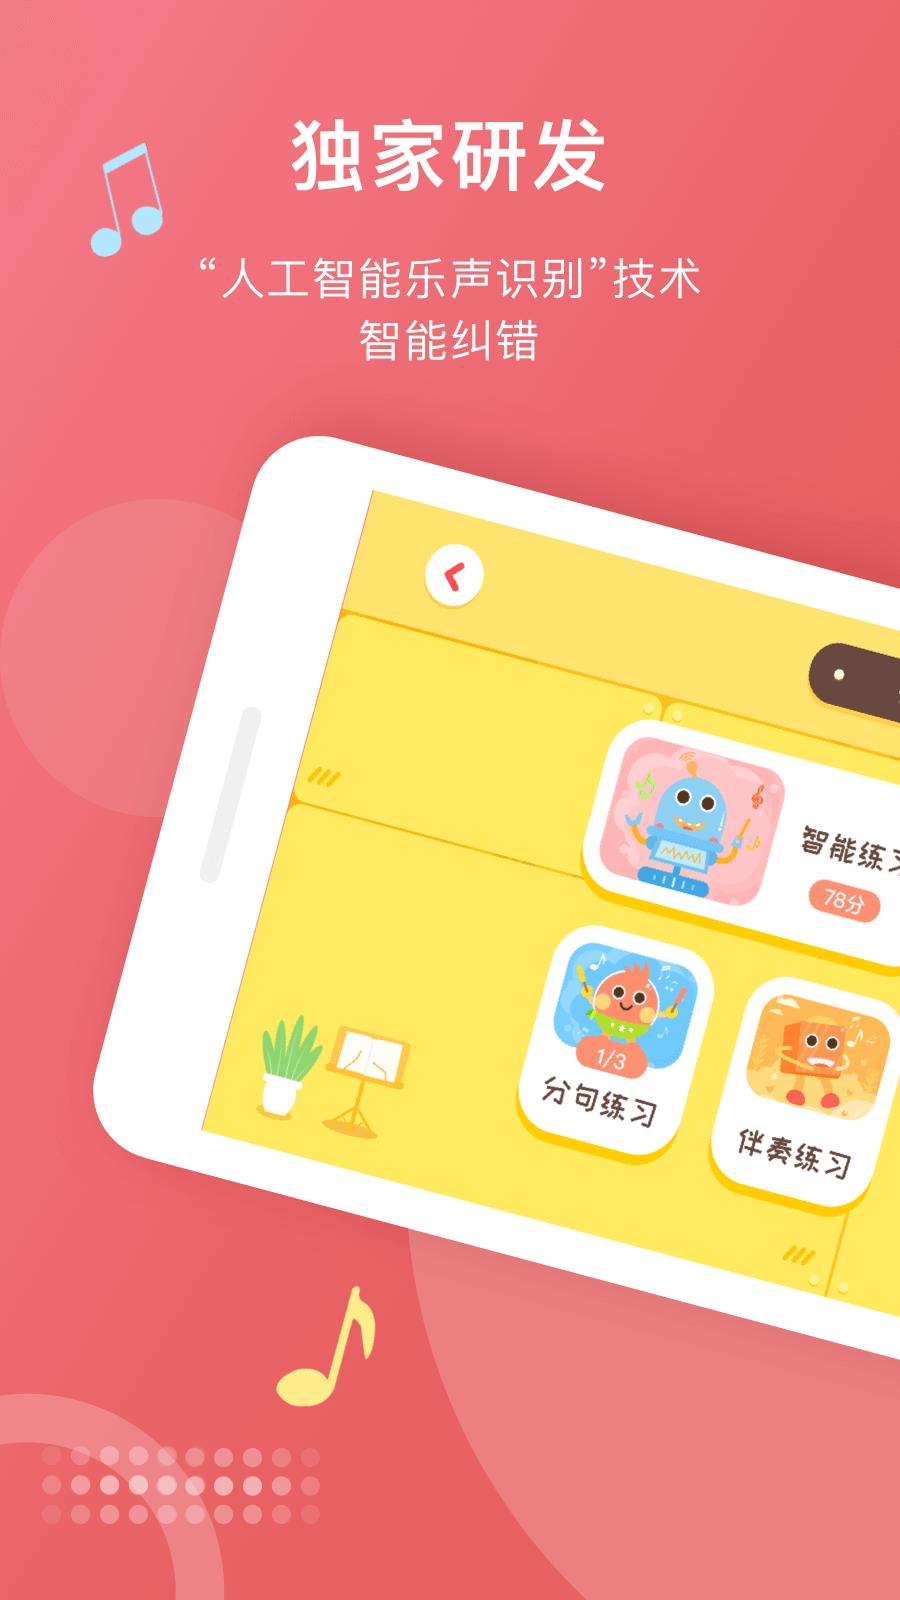 爱小艺学生 V1.3.2 安卓版截图1